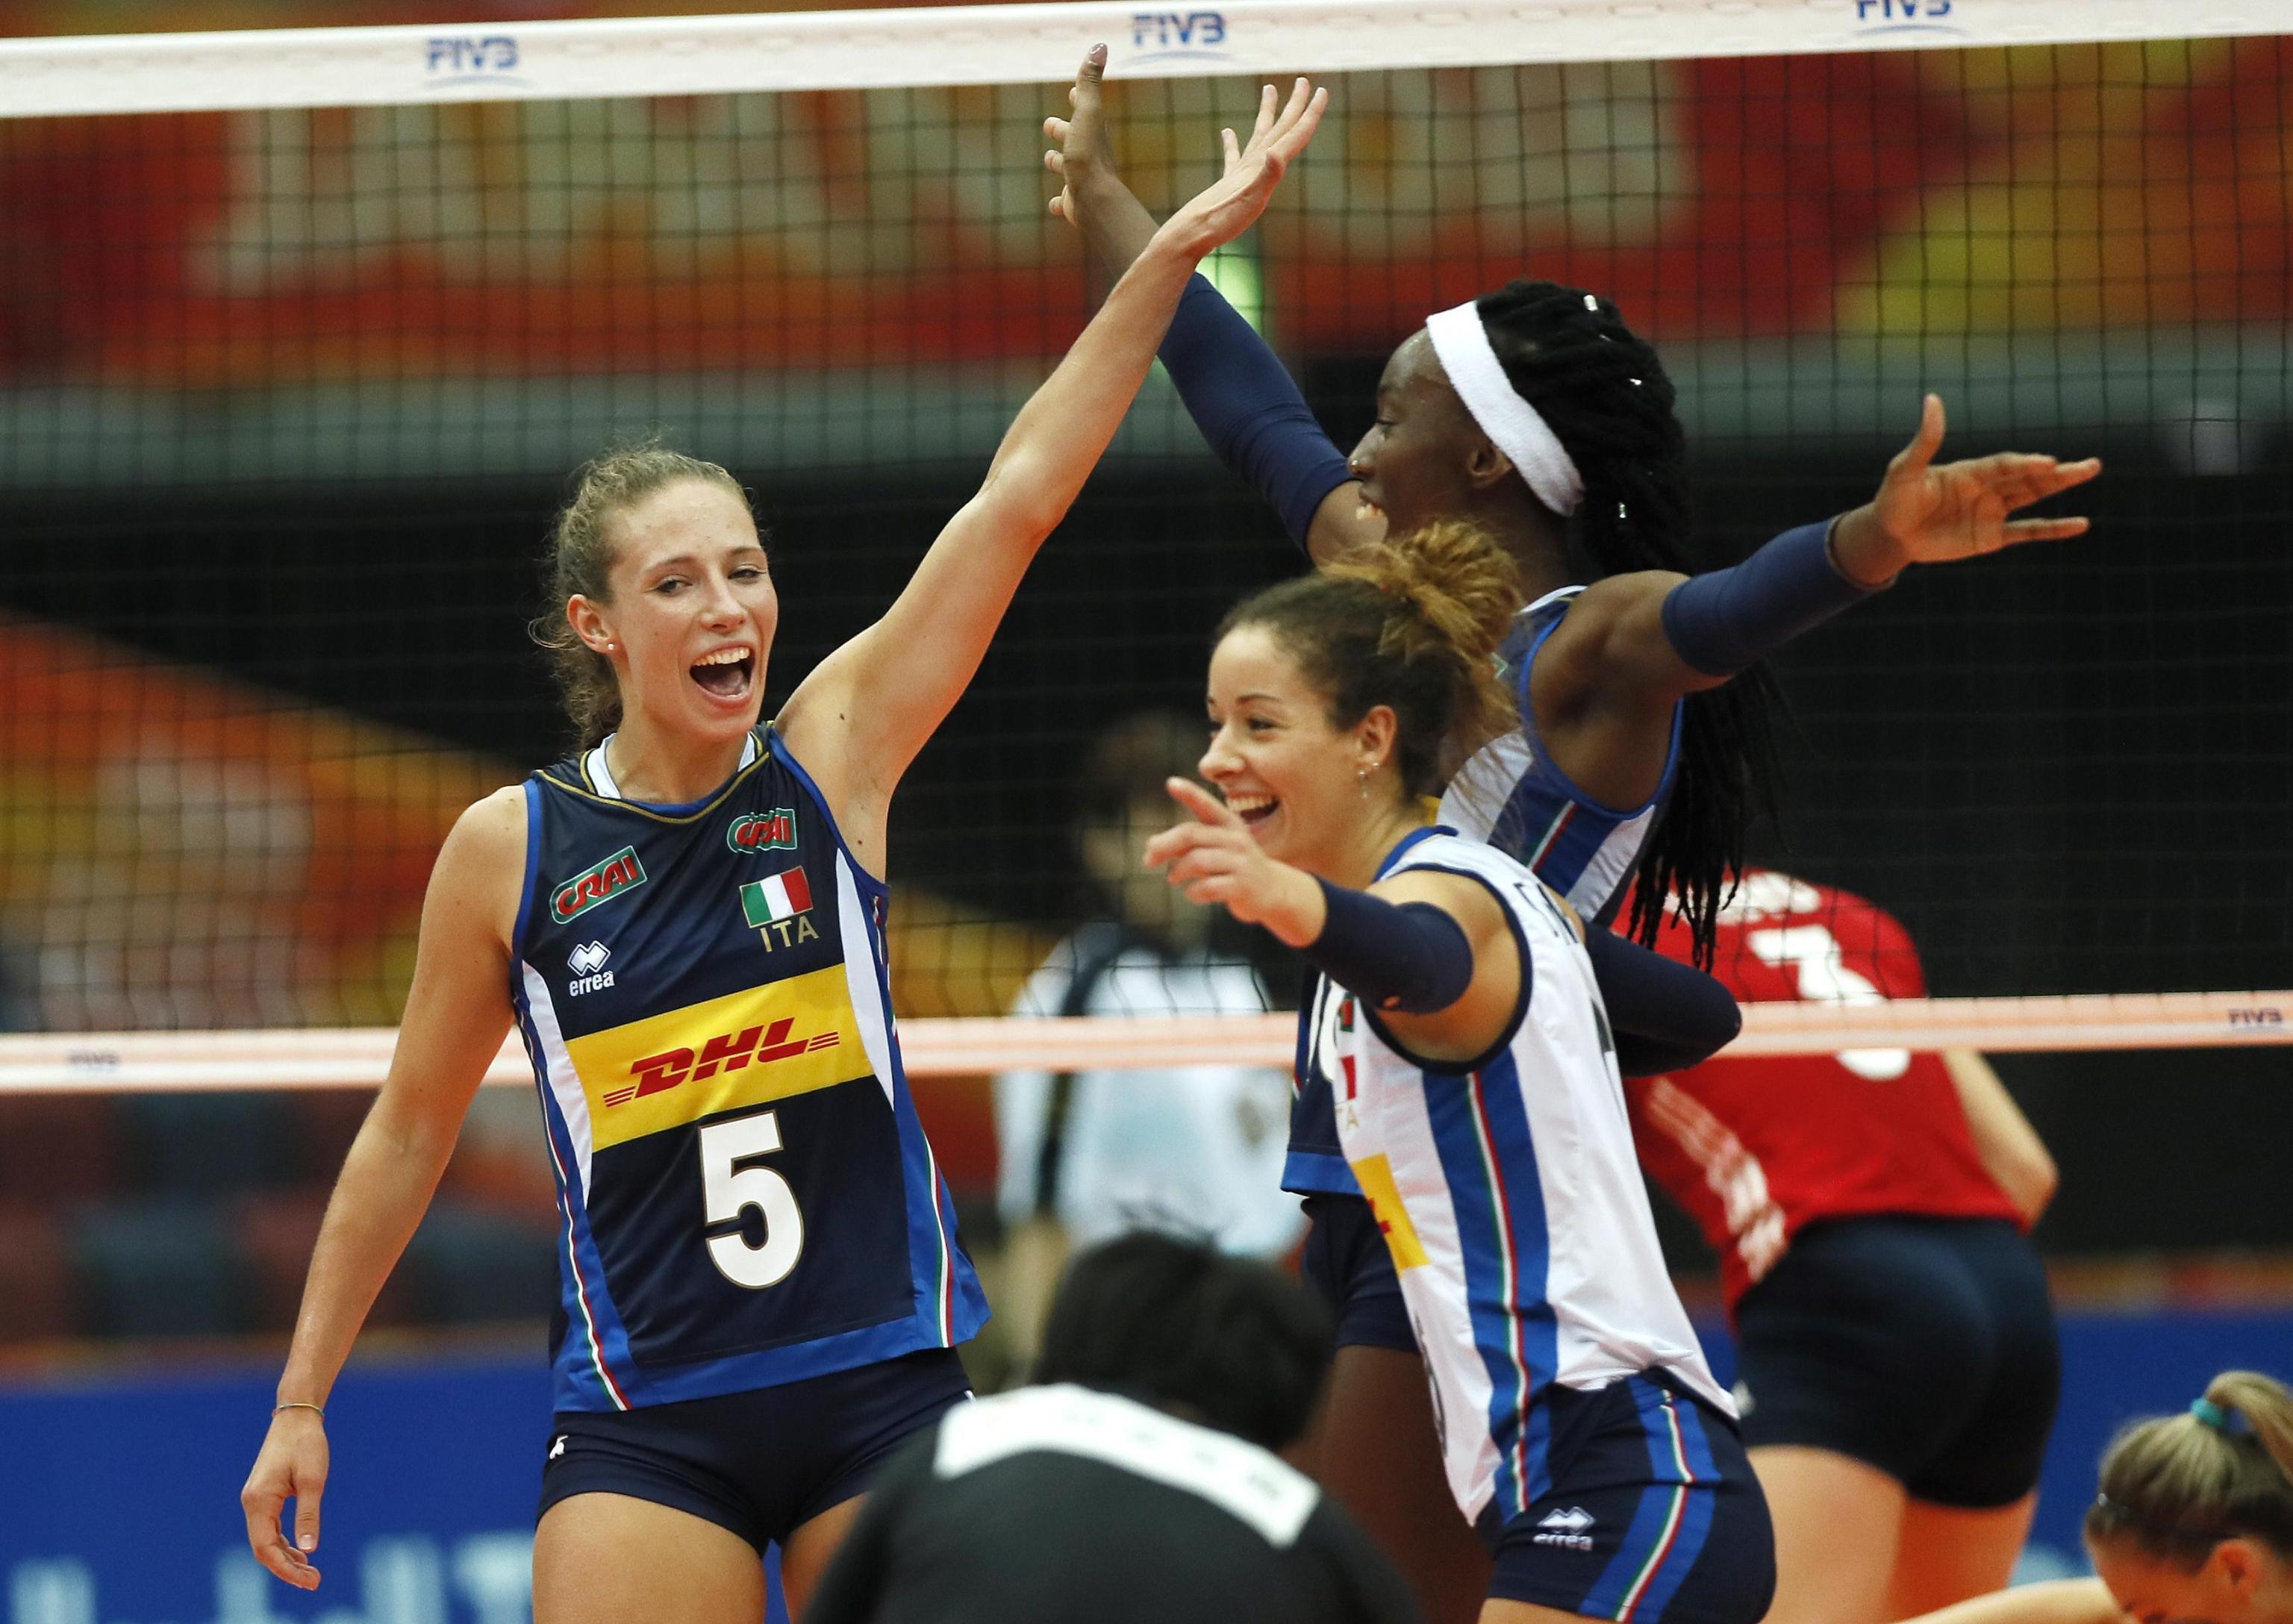 Calendario Mondiali Pallavolo Femminile.Volley Donne Mondiali 2018 Dove Vedere La Semifinale Italia